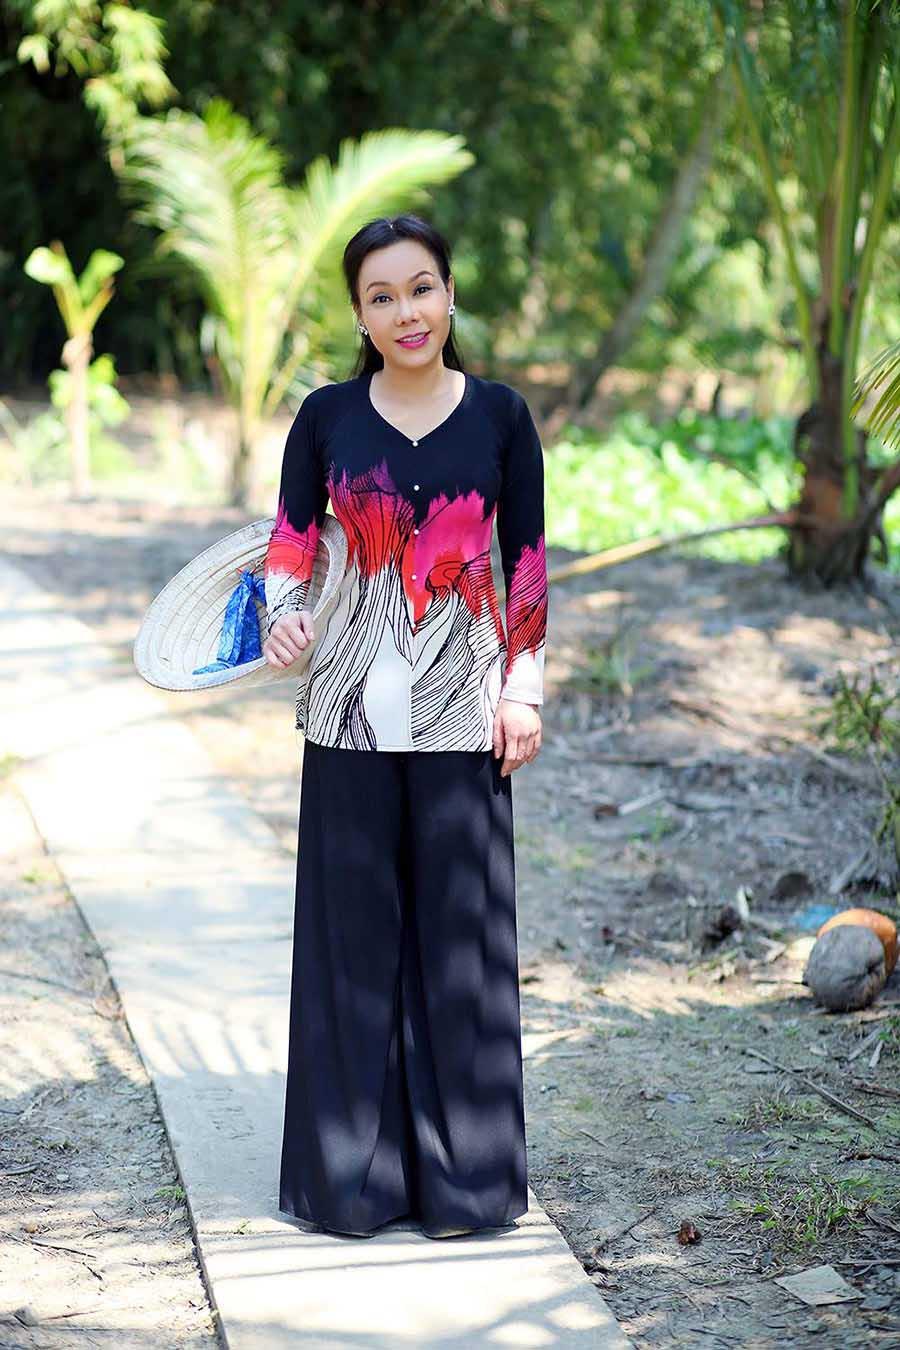 khoe ban dat loi tan 2 ty, khoi tai san that su cua viet huong lon the nao? - 19